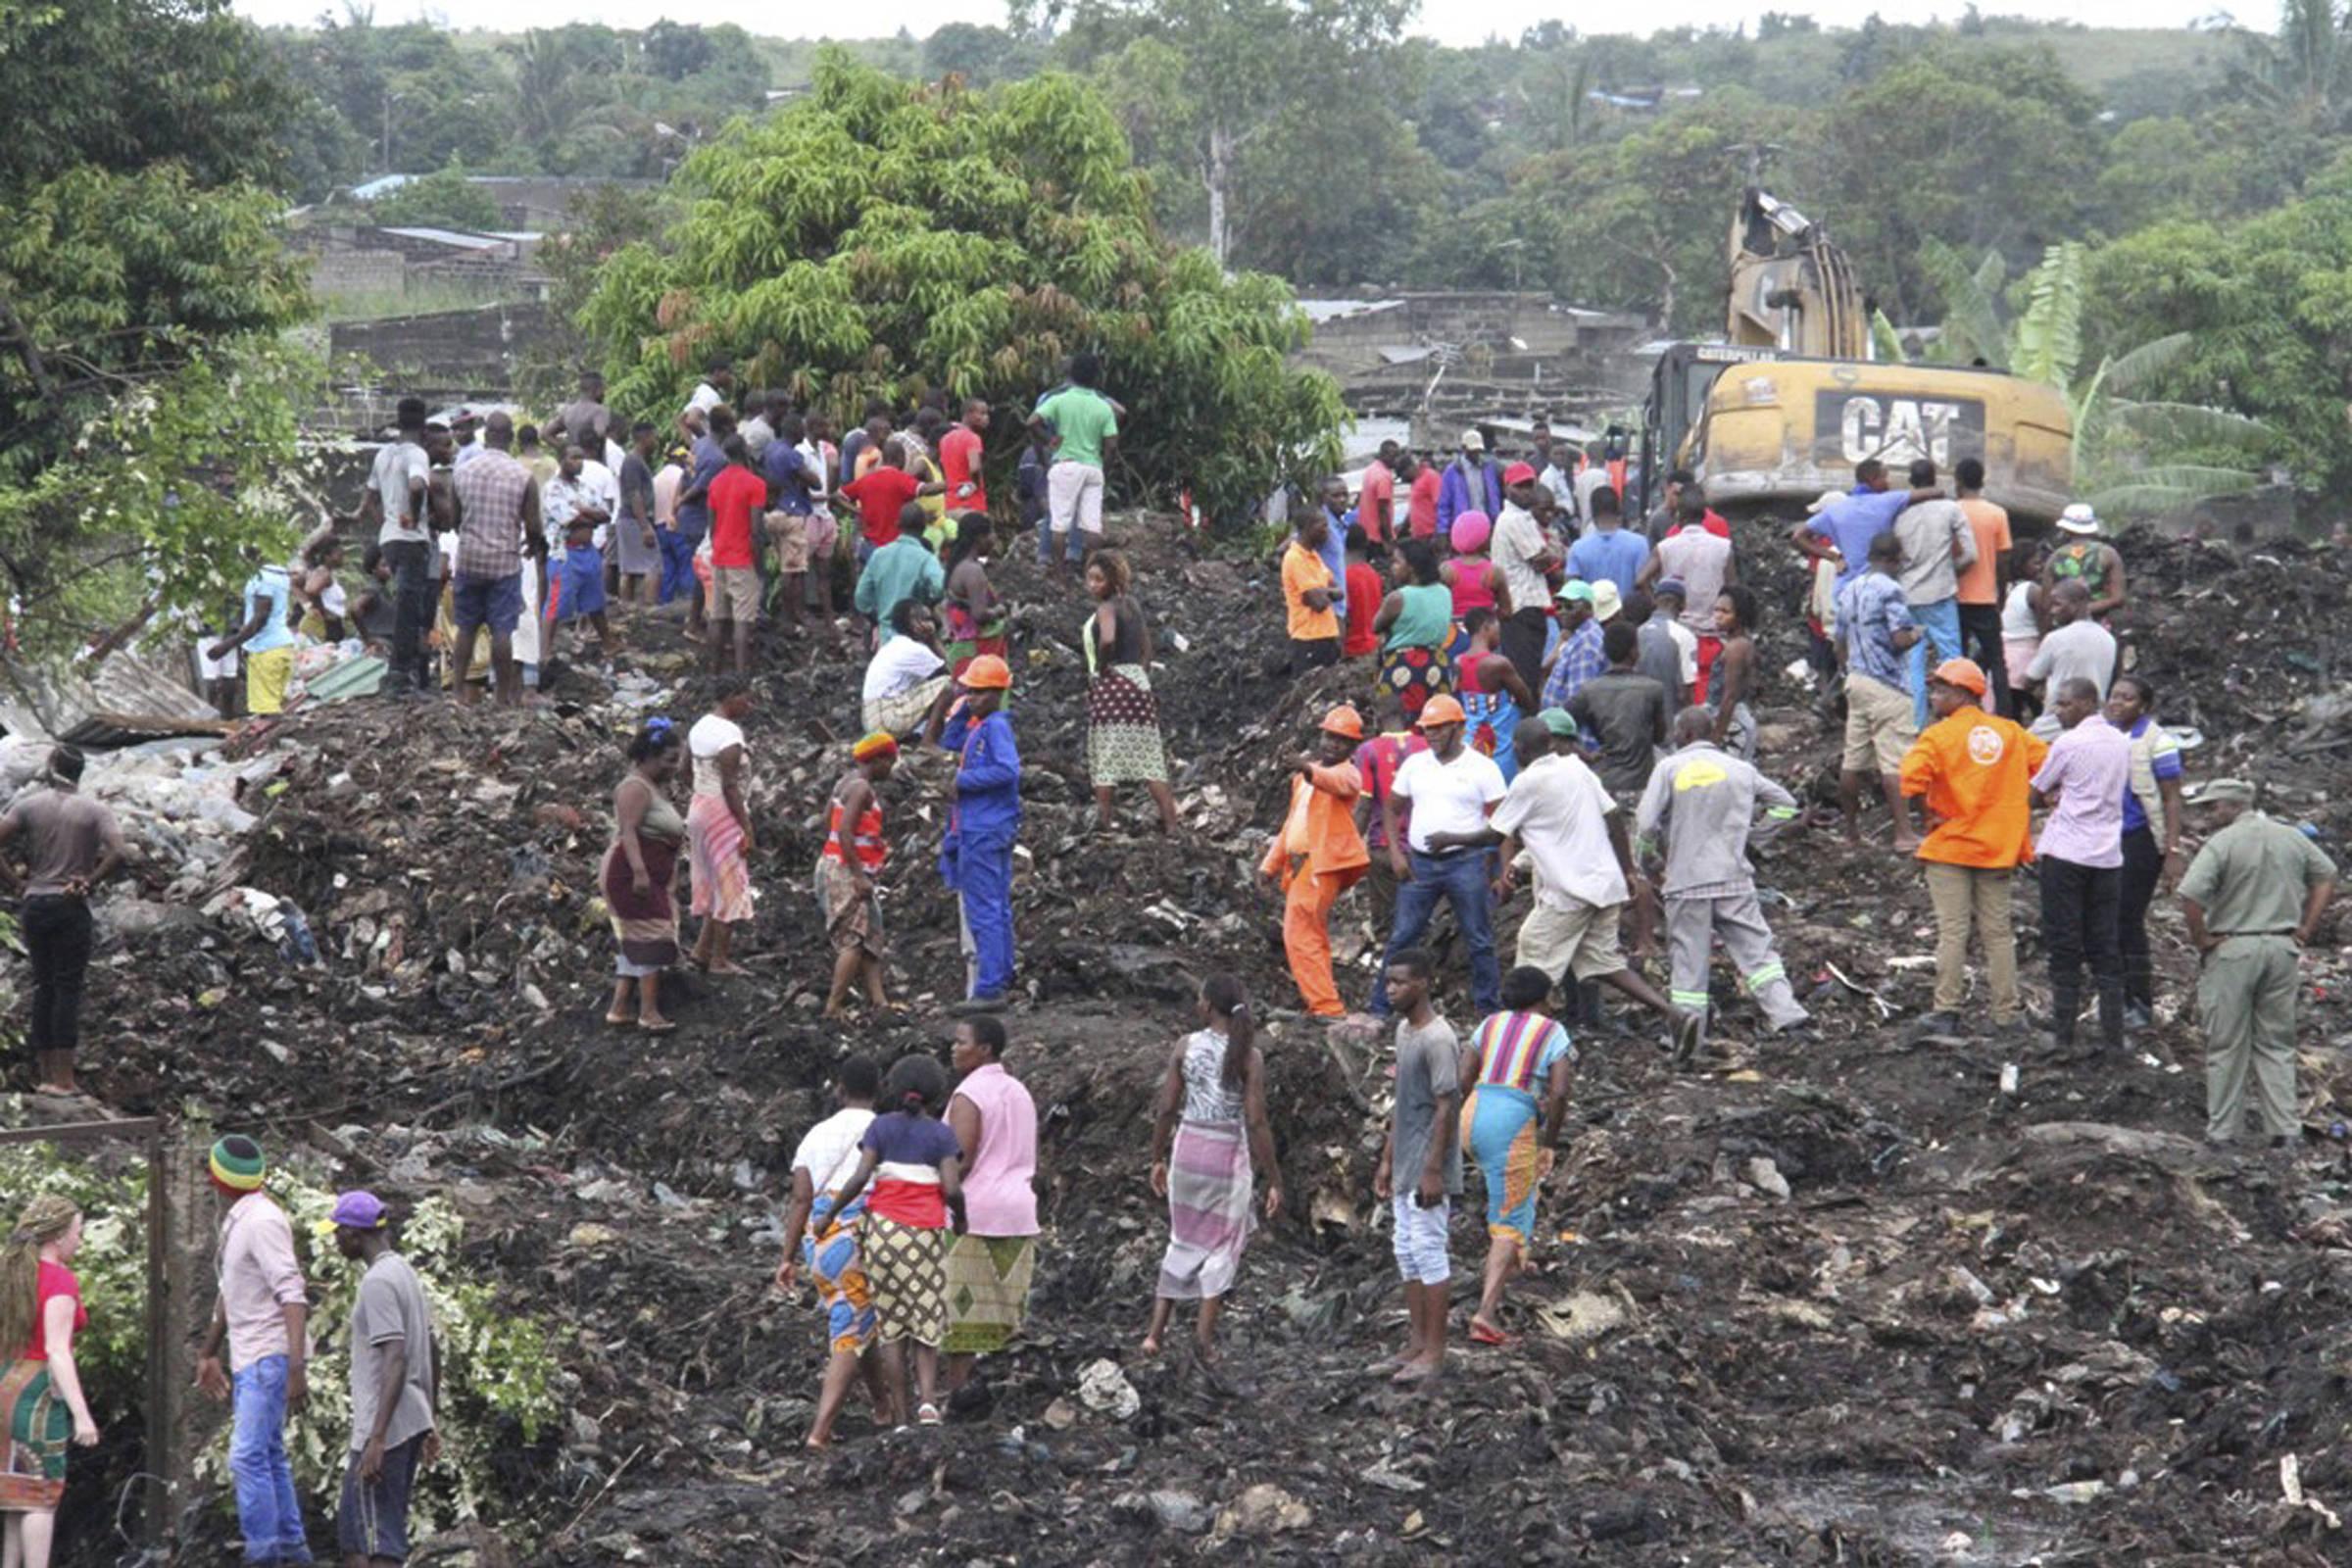 Deslizamento de monte de lixo mata 17 em Moçambique